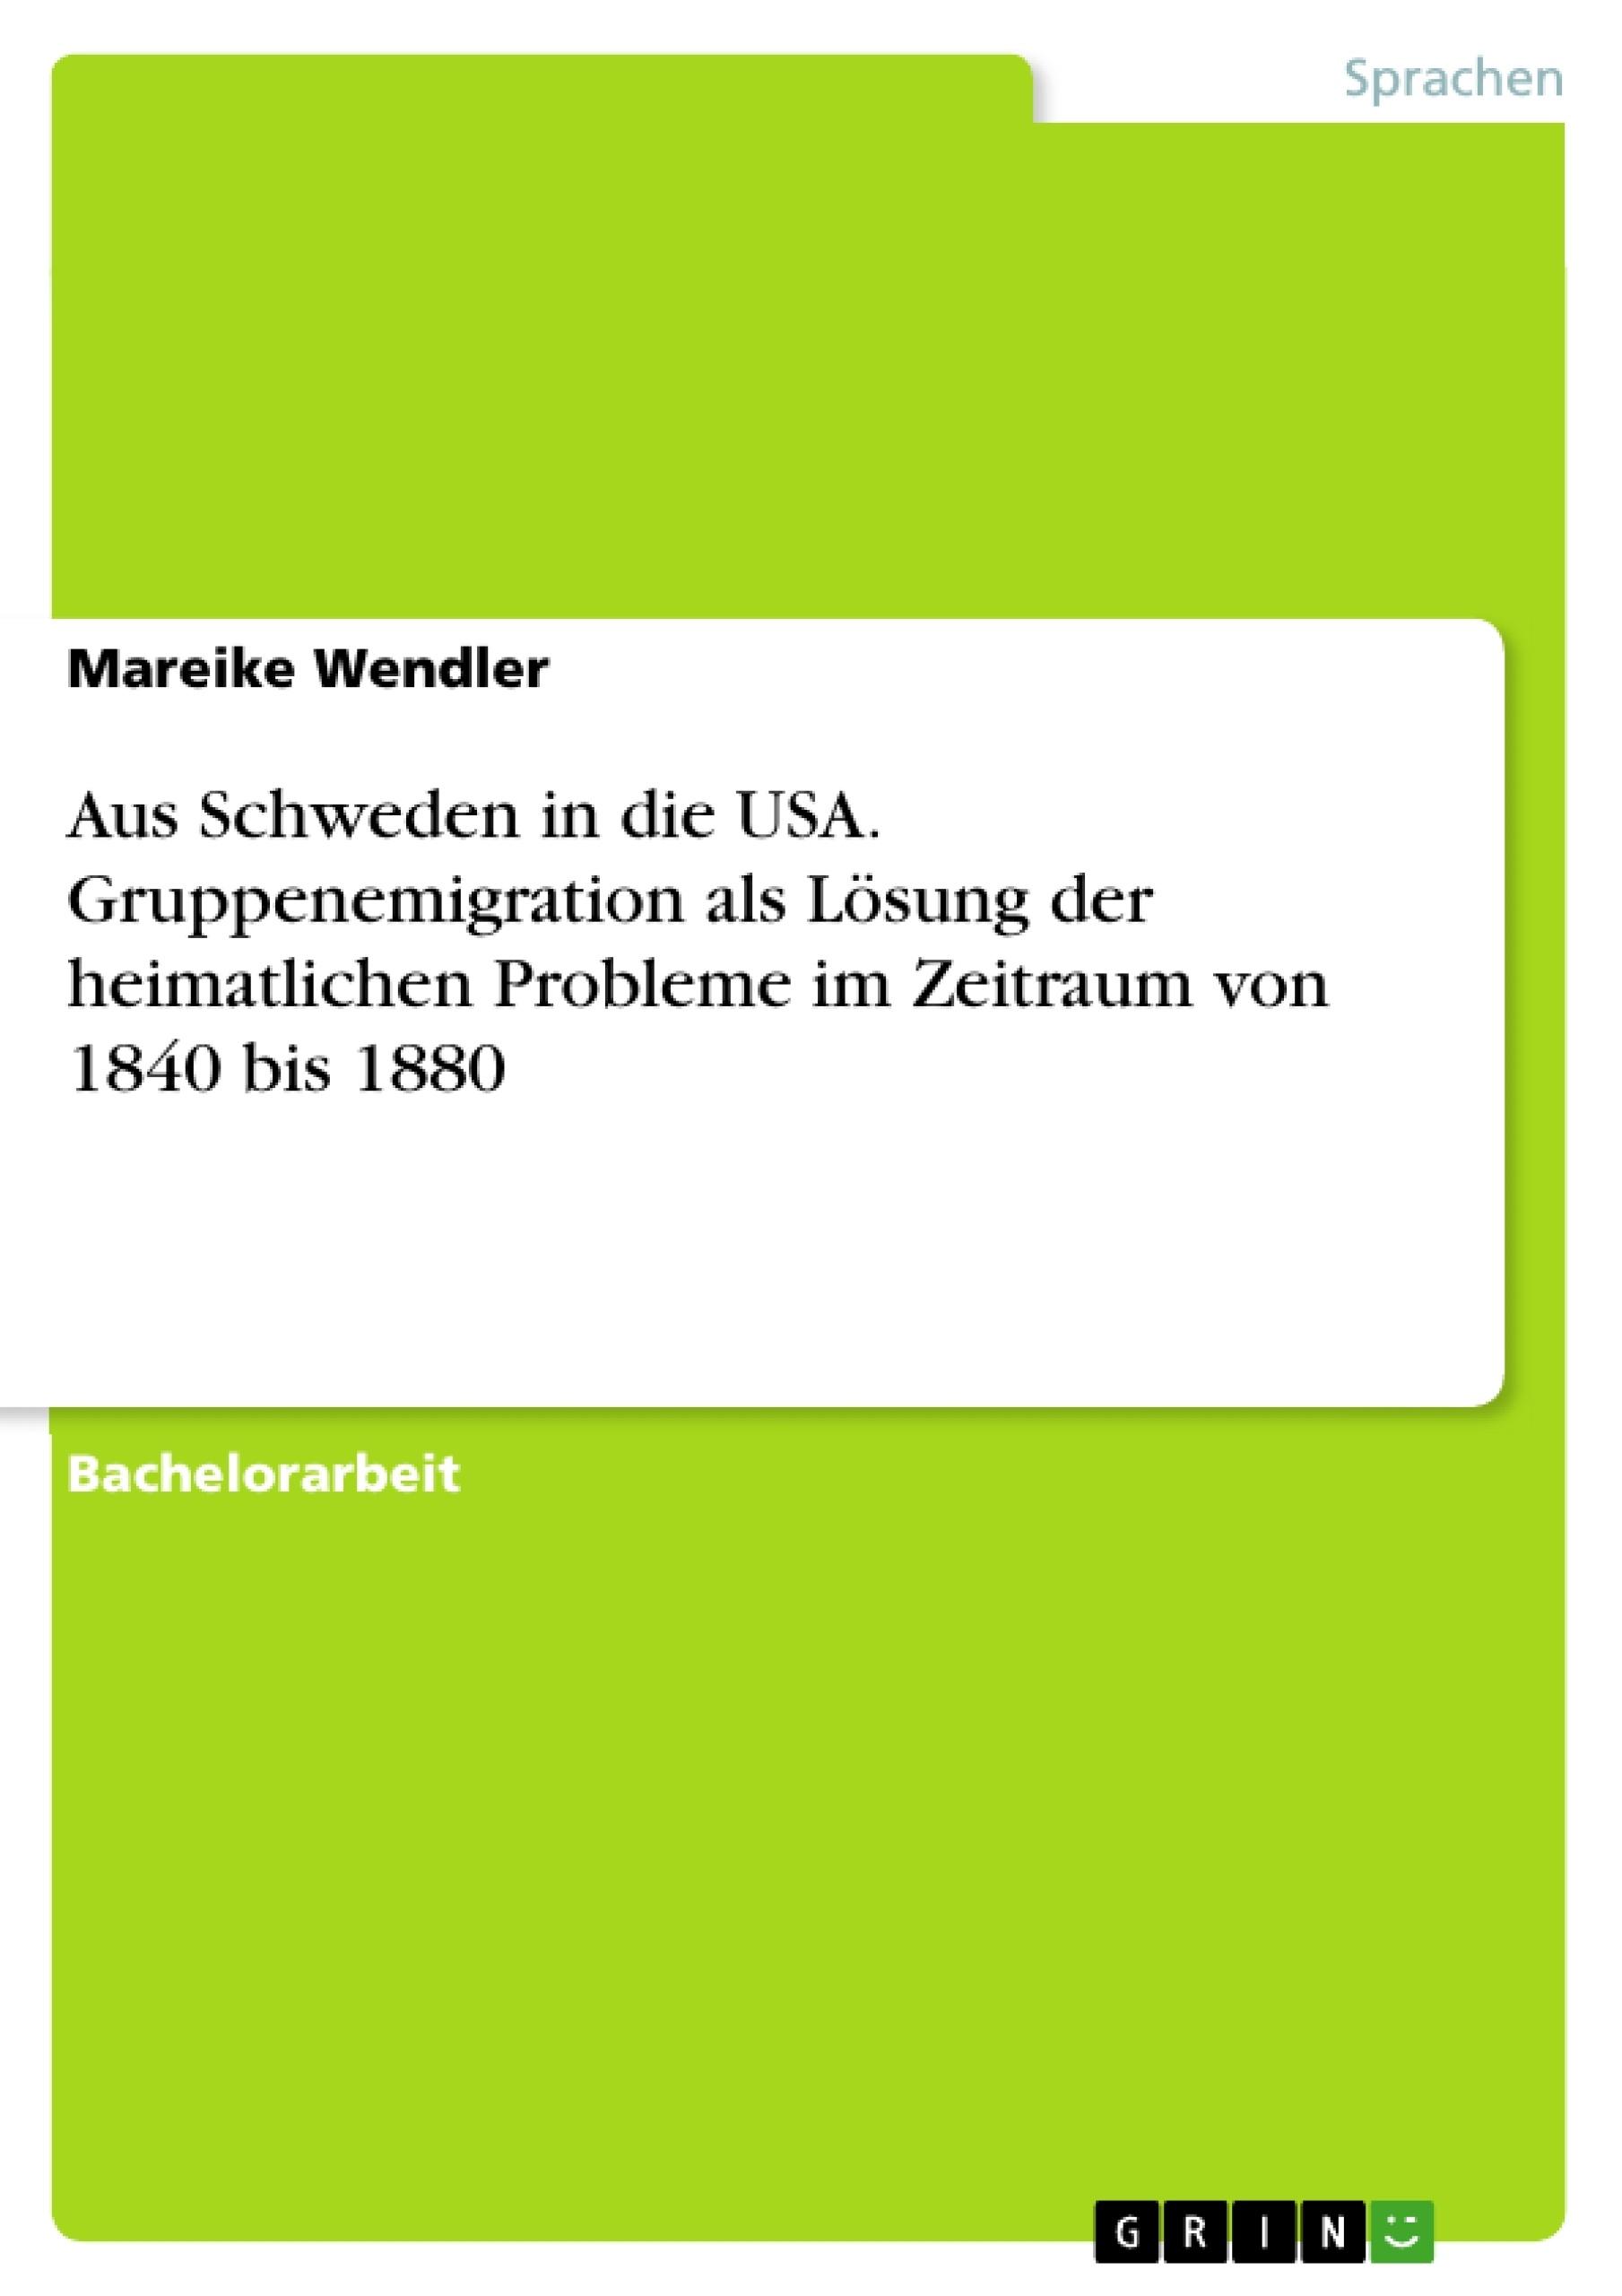 Titel: Aus Schweden in die USA. Gruppenemigration als Lösung der heimatlichen Probleme im Zeitraum von 1840 bis 1880